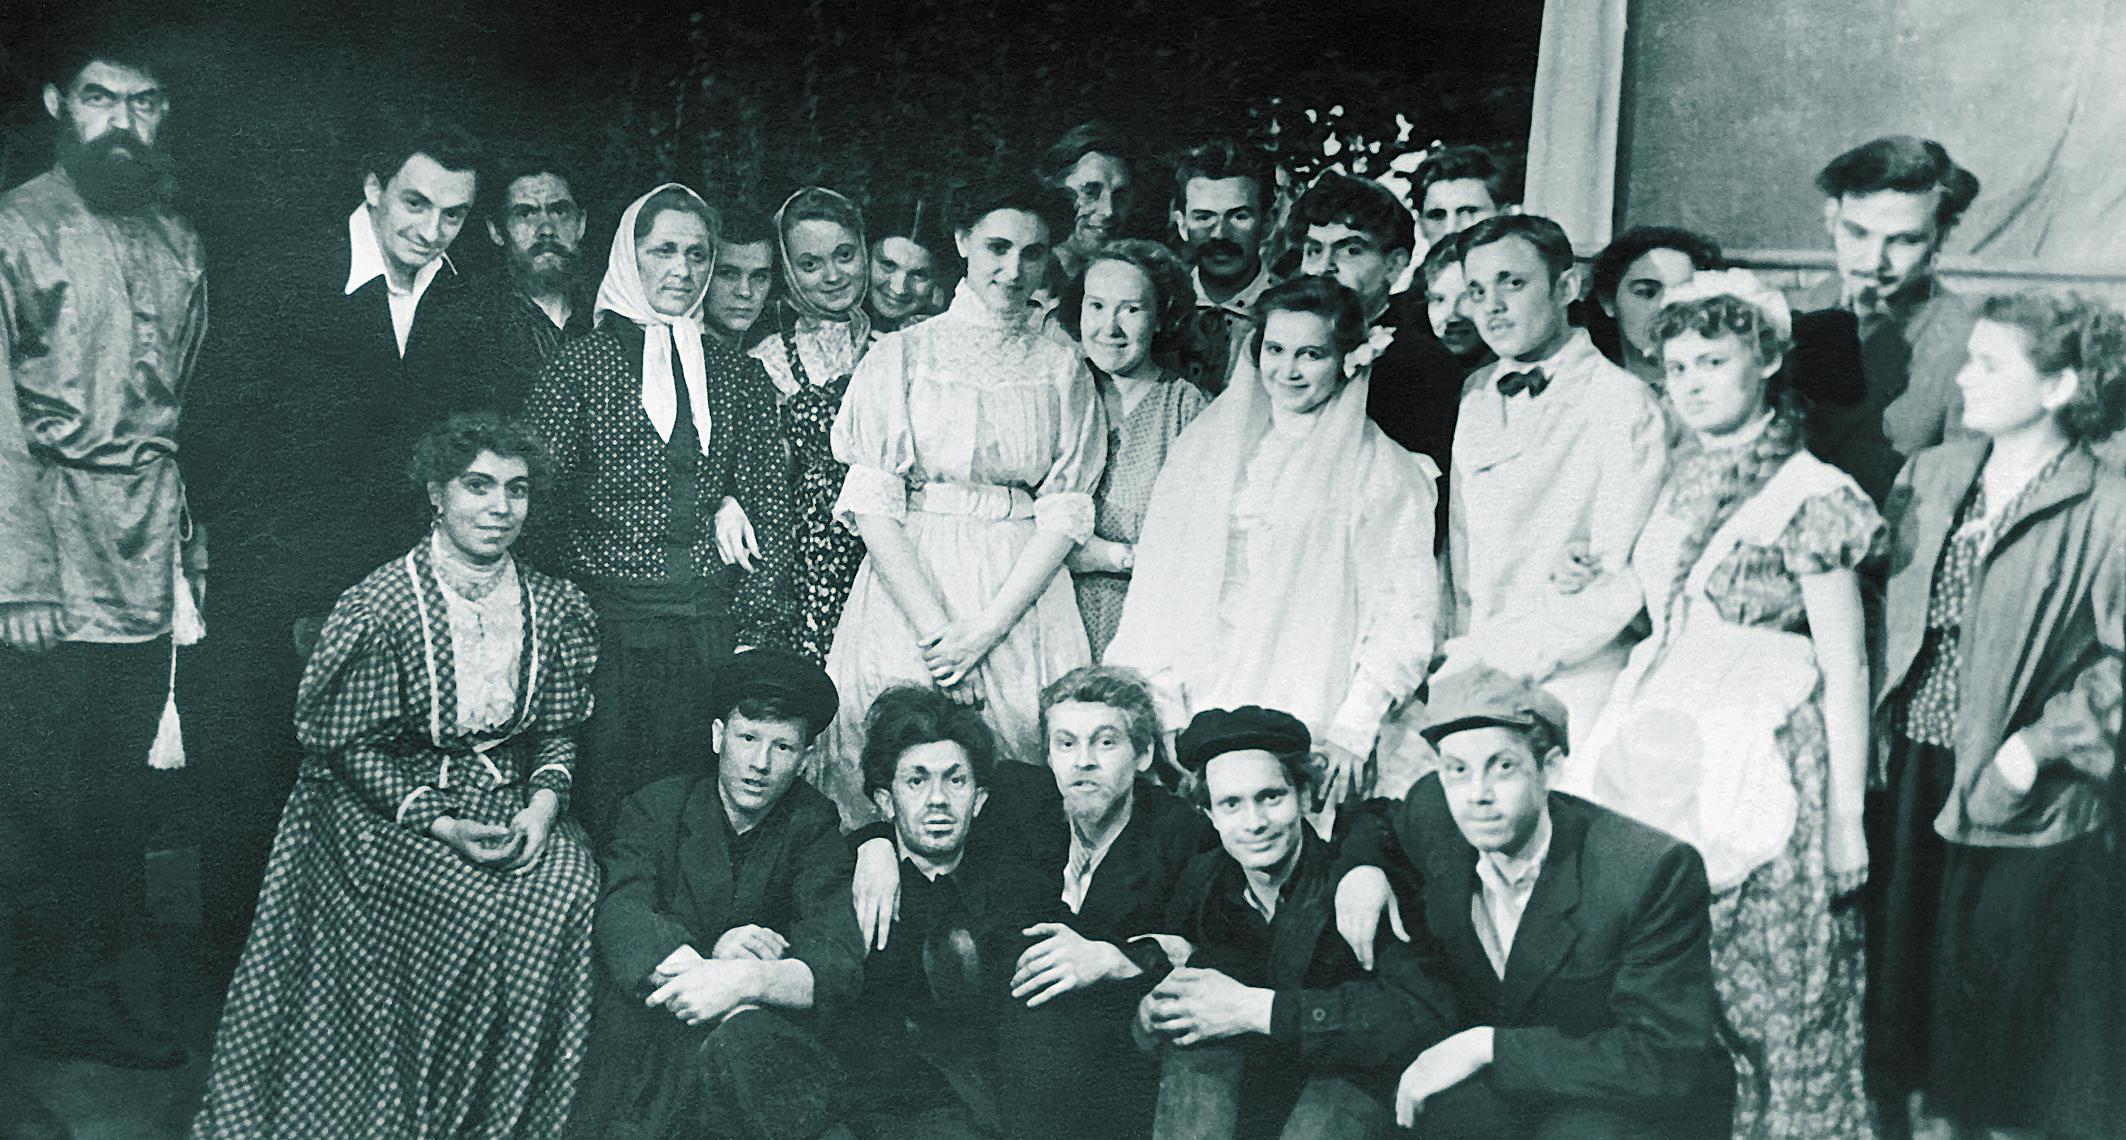 После премьеры спектакля Дети солнца_4 мая_1957 года_Захаров_слева